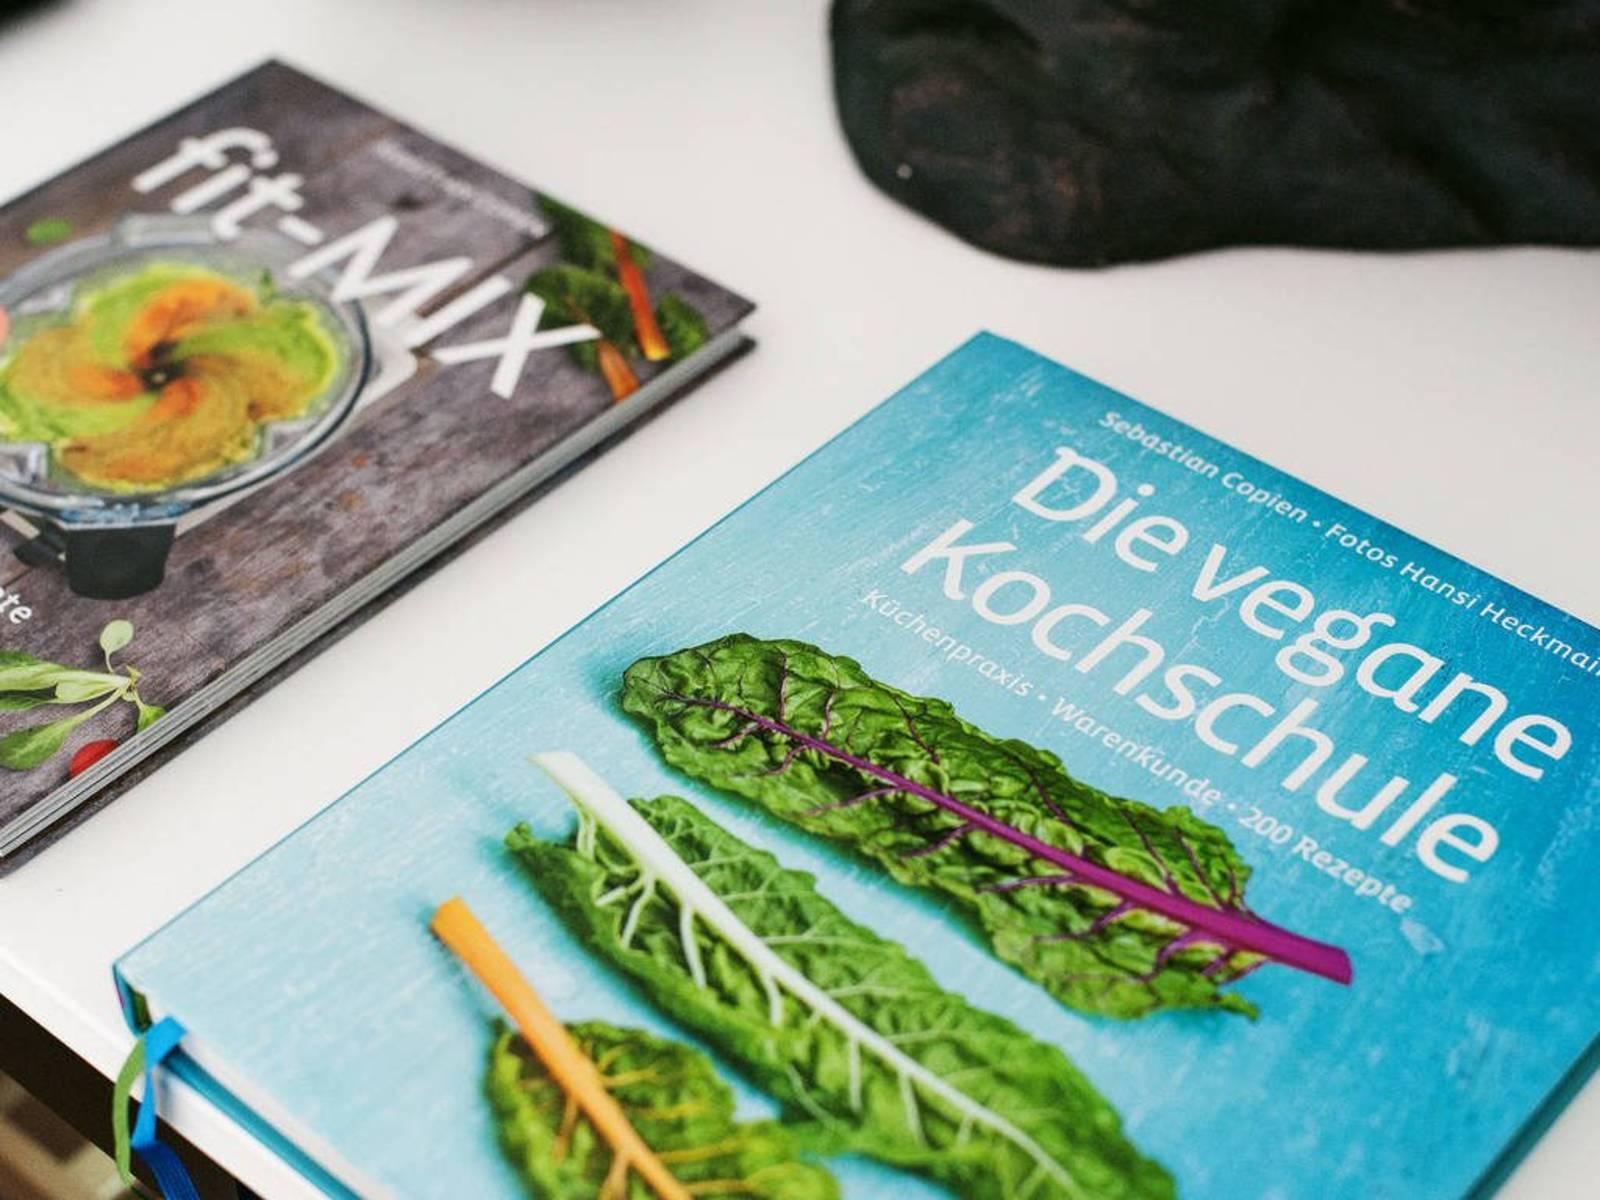 """Dieses und weitere tolle Rezepte von Sebastian findest du in seinem Buch """"Die vegane Kochschule"""" (Christian Verlag)."""